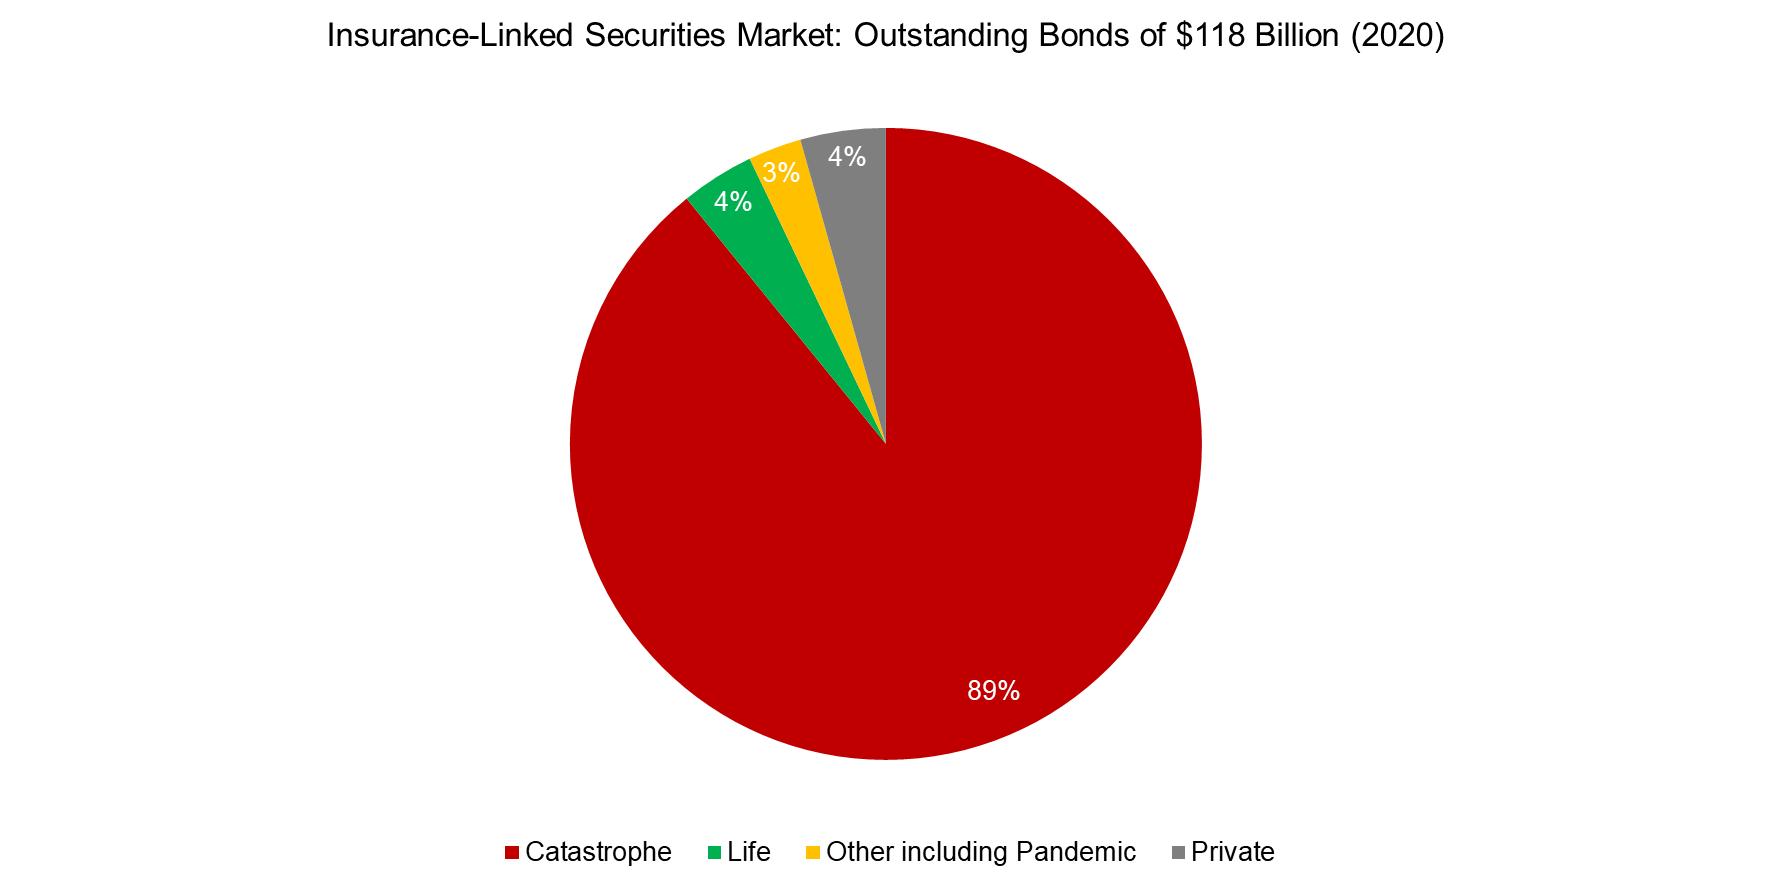 Insurance-Linked Securities Market Outstanding Bonds of $118 Billion (2020)